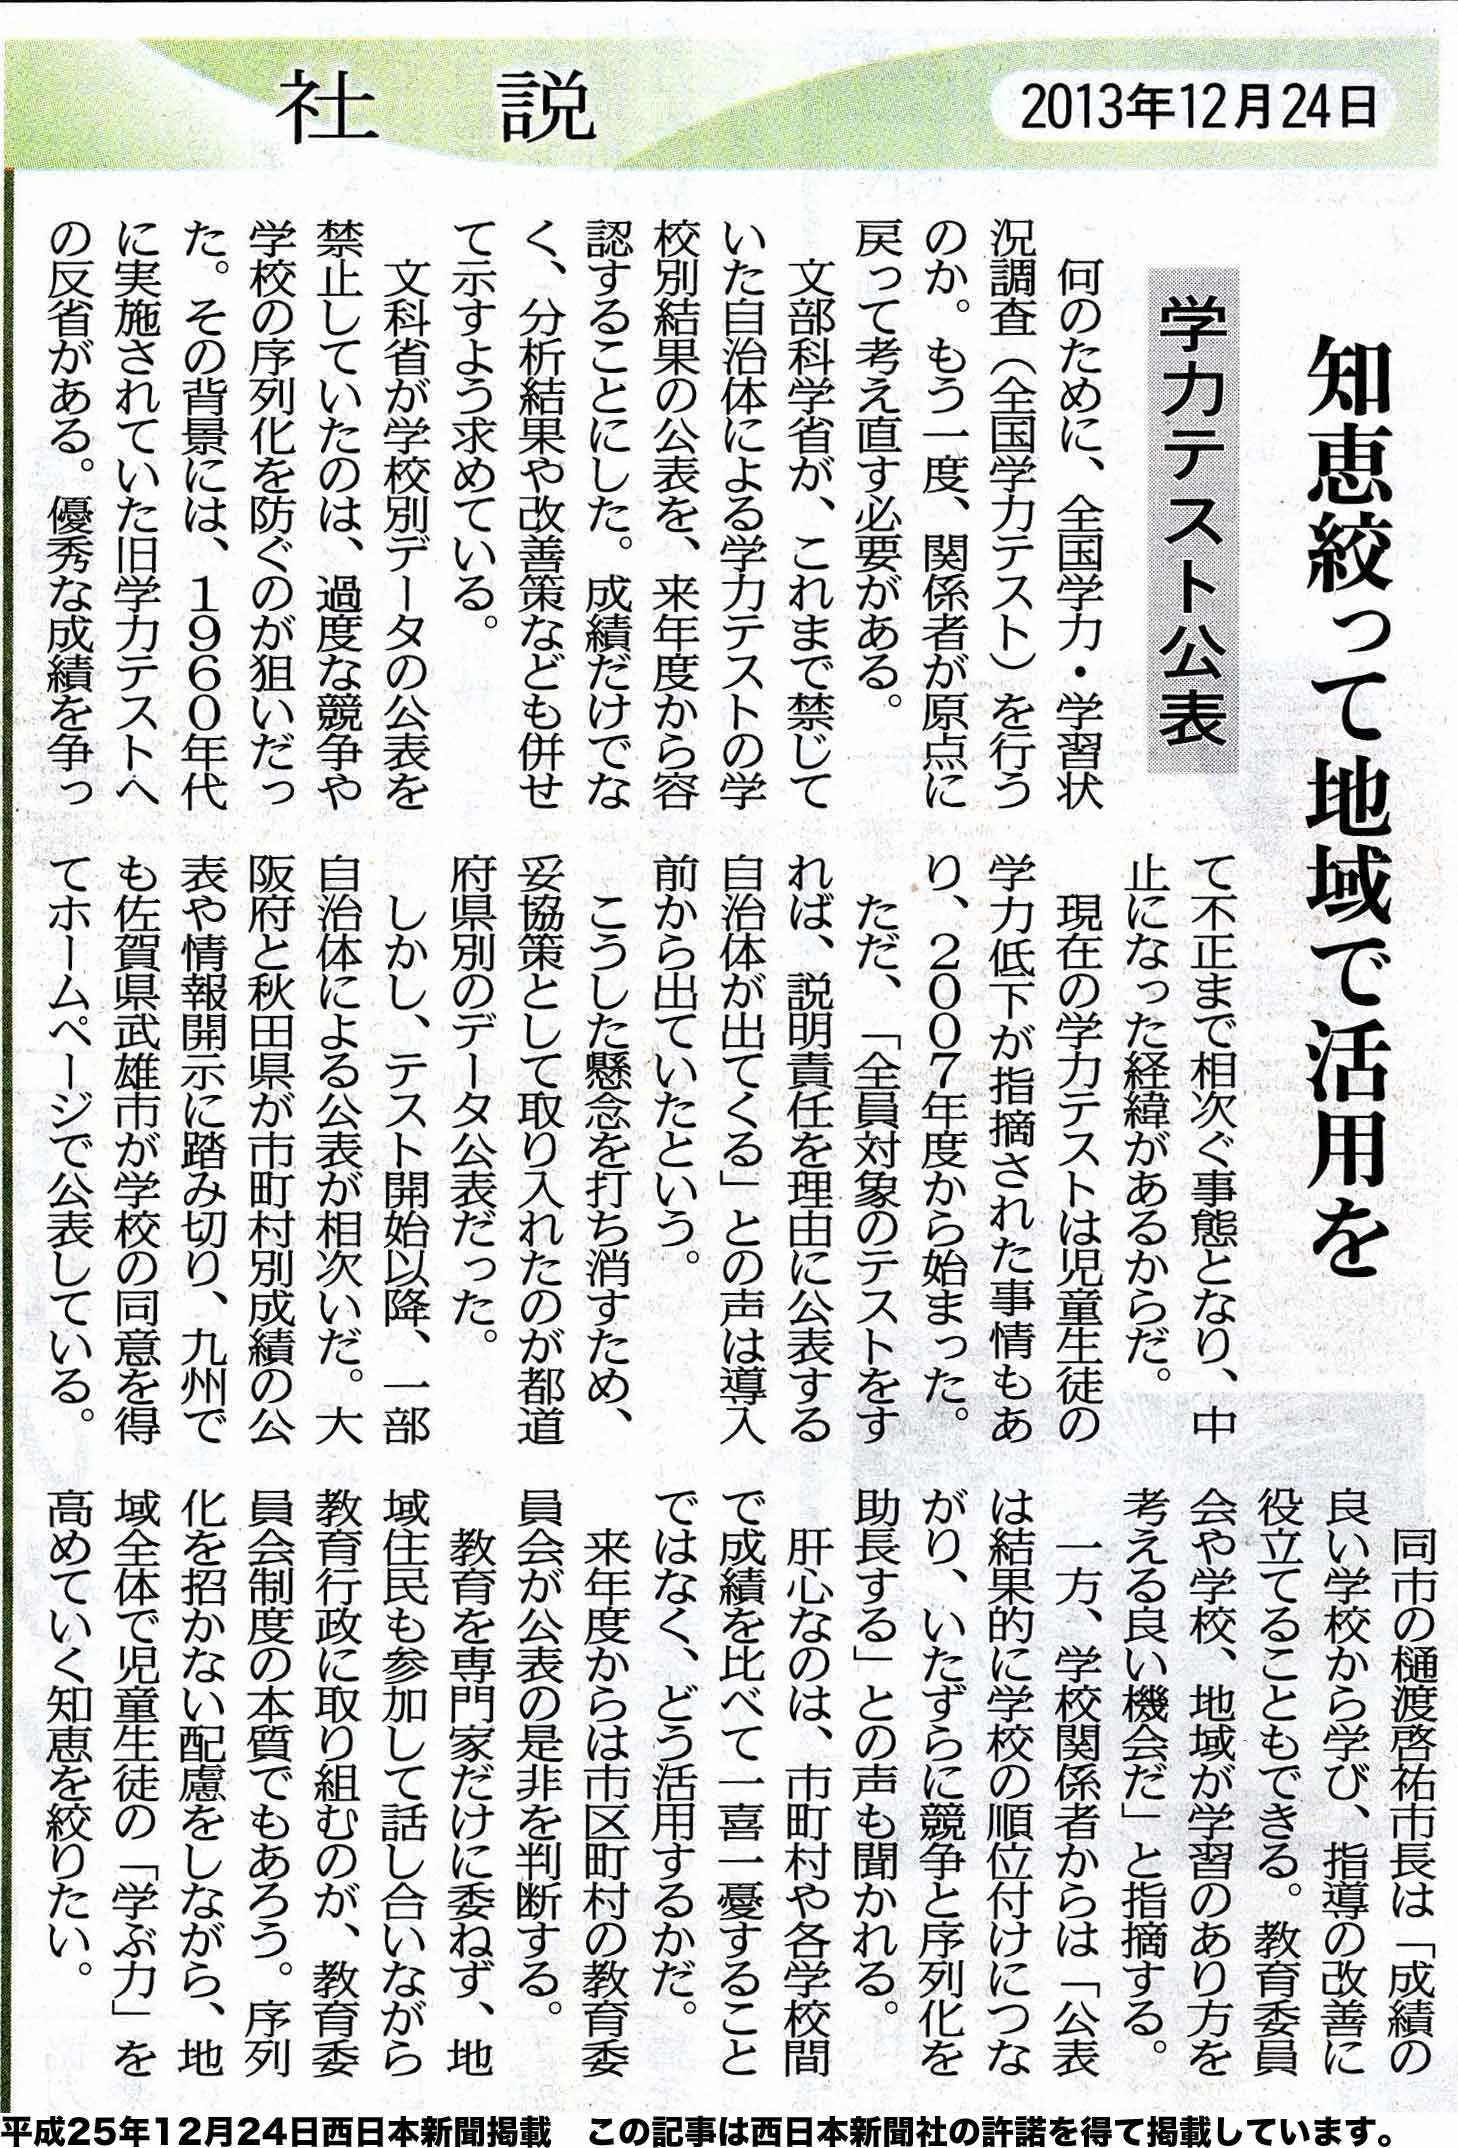 宮崎哲弥さんは面白かった_d0047811_23362843.jpg